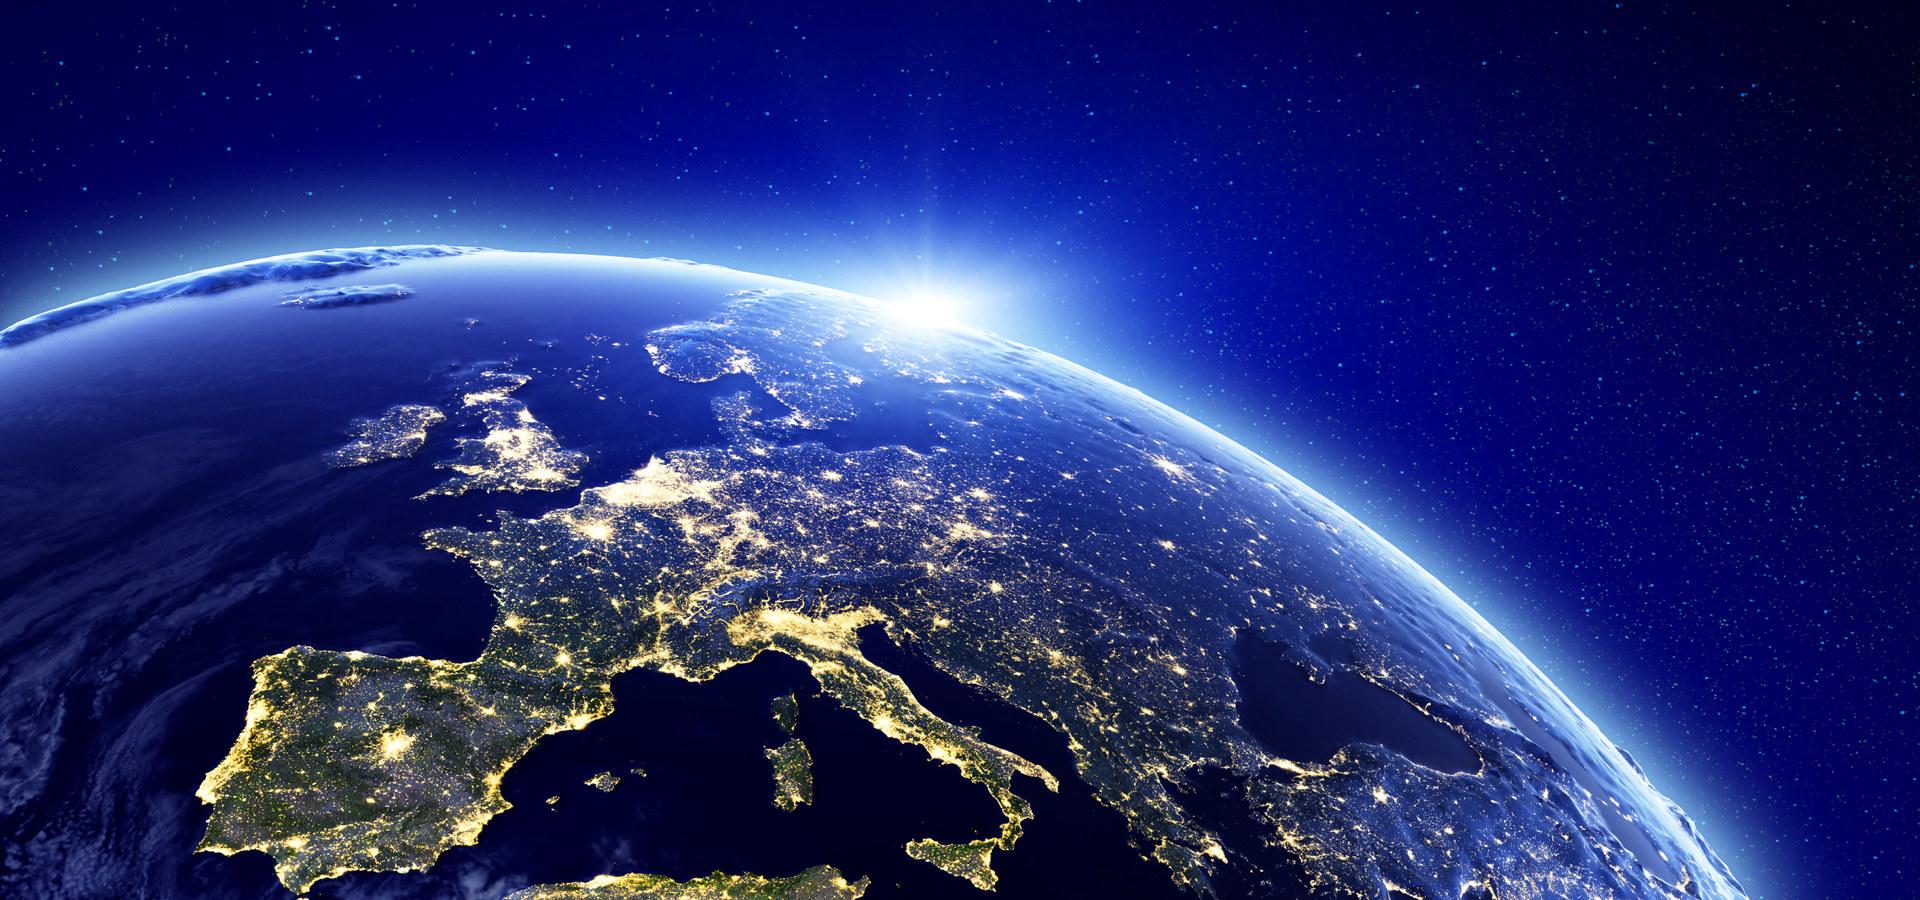 Europa sett fra verdensrommet